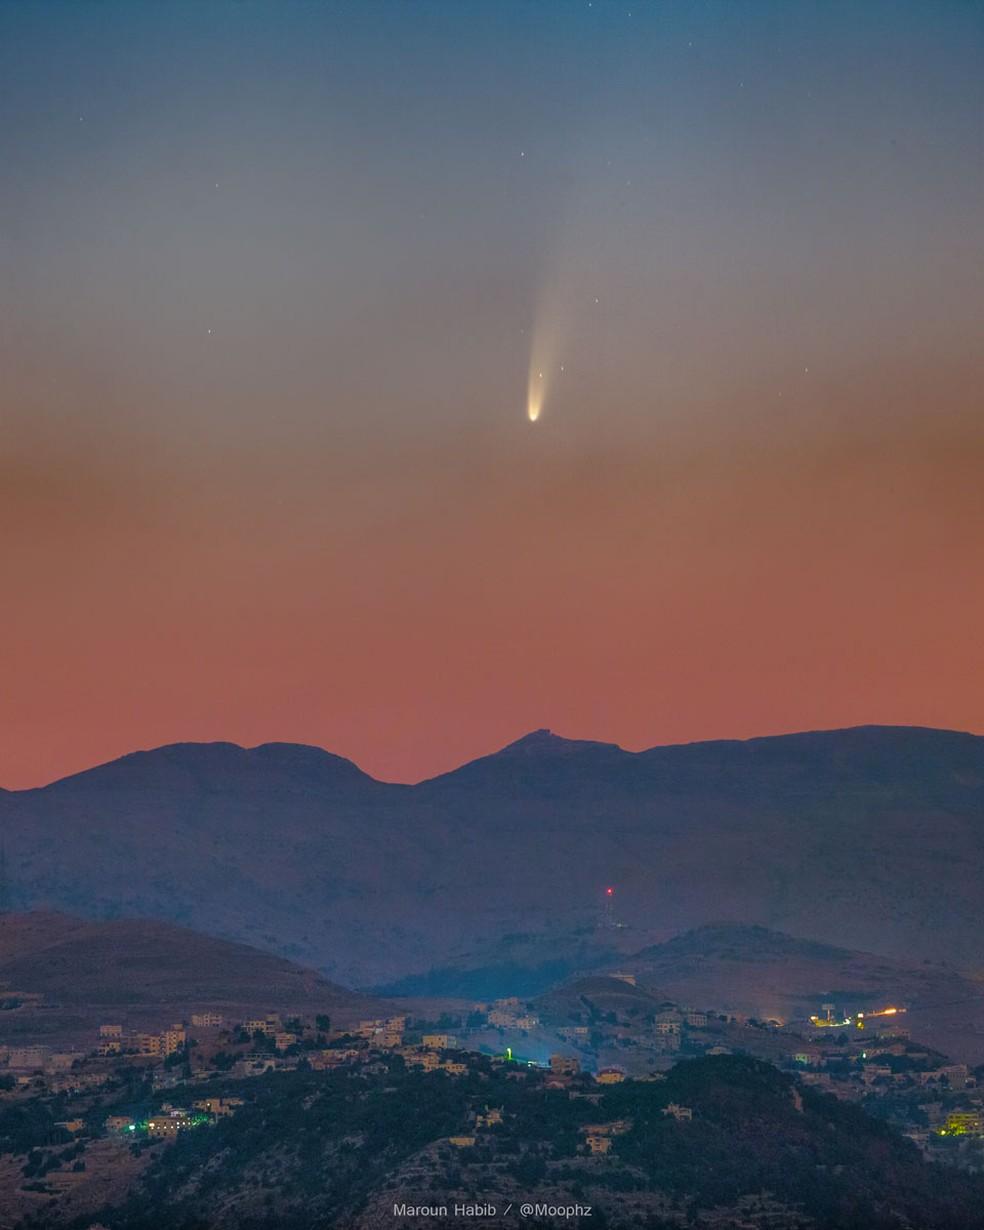 Cometa Neowise é fotografado no céu do Líbano em 7 de julho de 2020  — Foto: Maroun Habib (Moophz)/Nasa